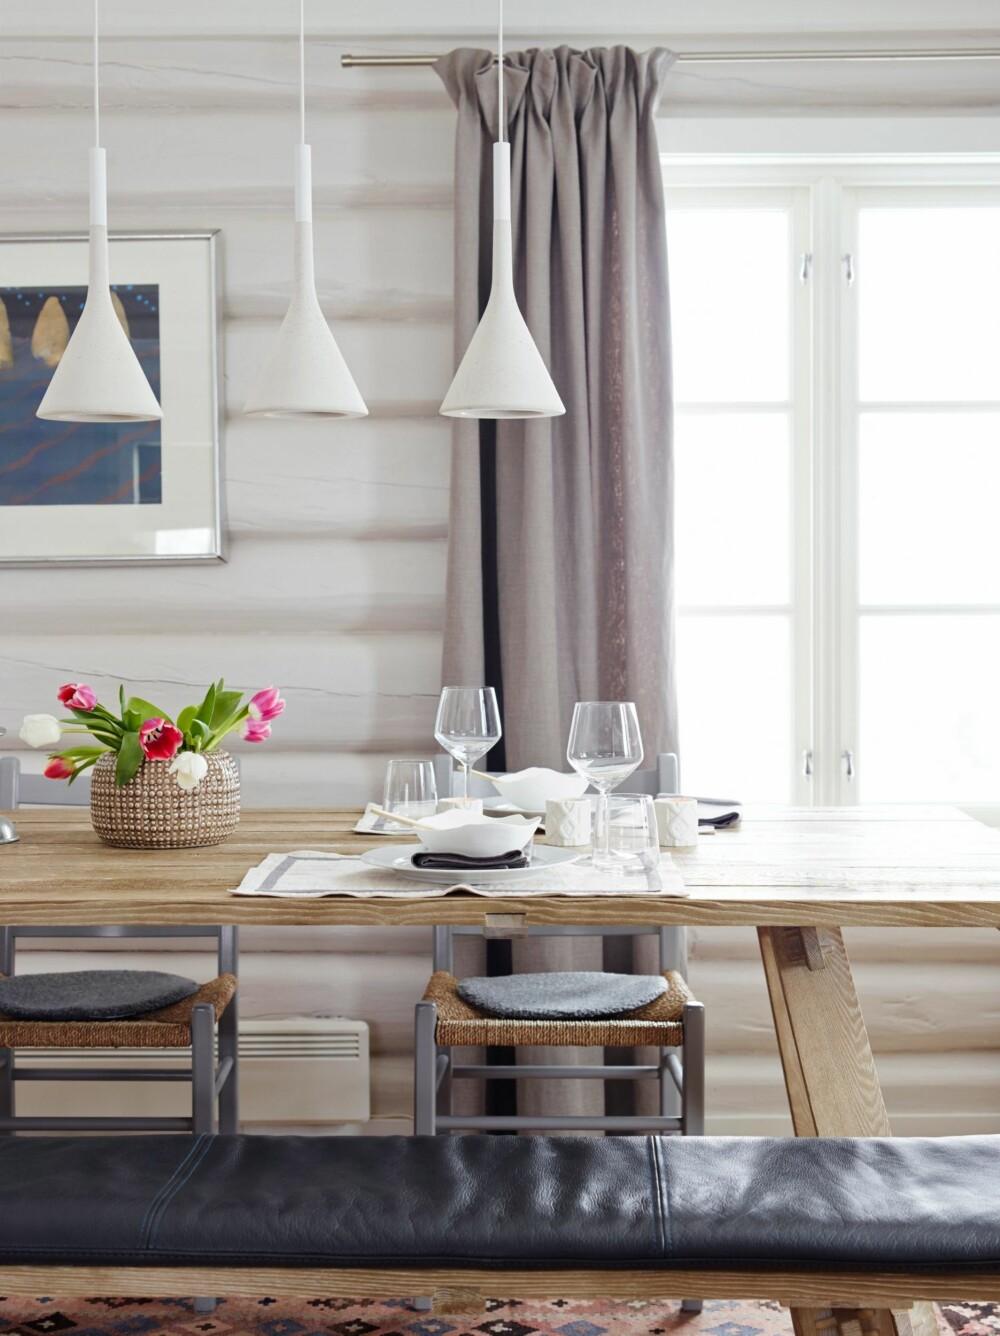 GOD BLANDING: Spisebordet og benken har hun hatt i flere år. Jærstolene malte Marianne i NCS S 4000 N. Betonglampene over bordet kler fargen på tømmerveggene, samtidig som de gir kontrast i materialbruken. Lampene er fra Foscarini. Styling: Tone Kroken.